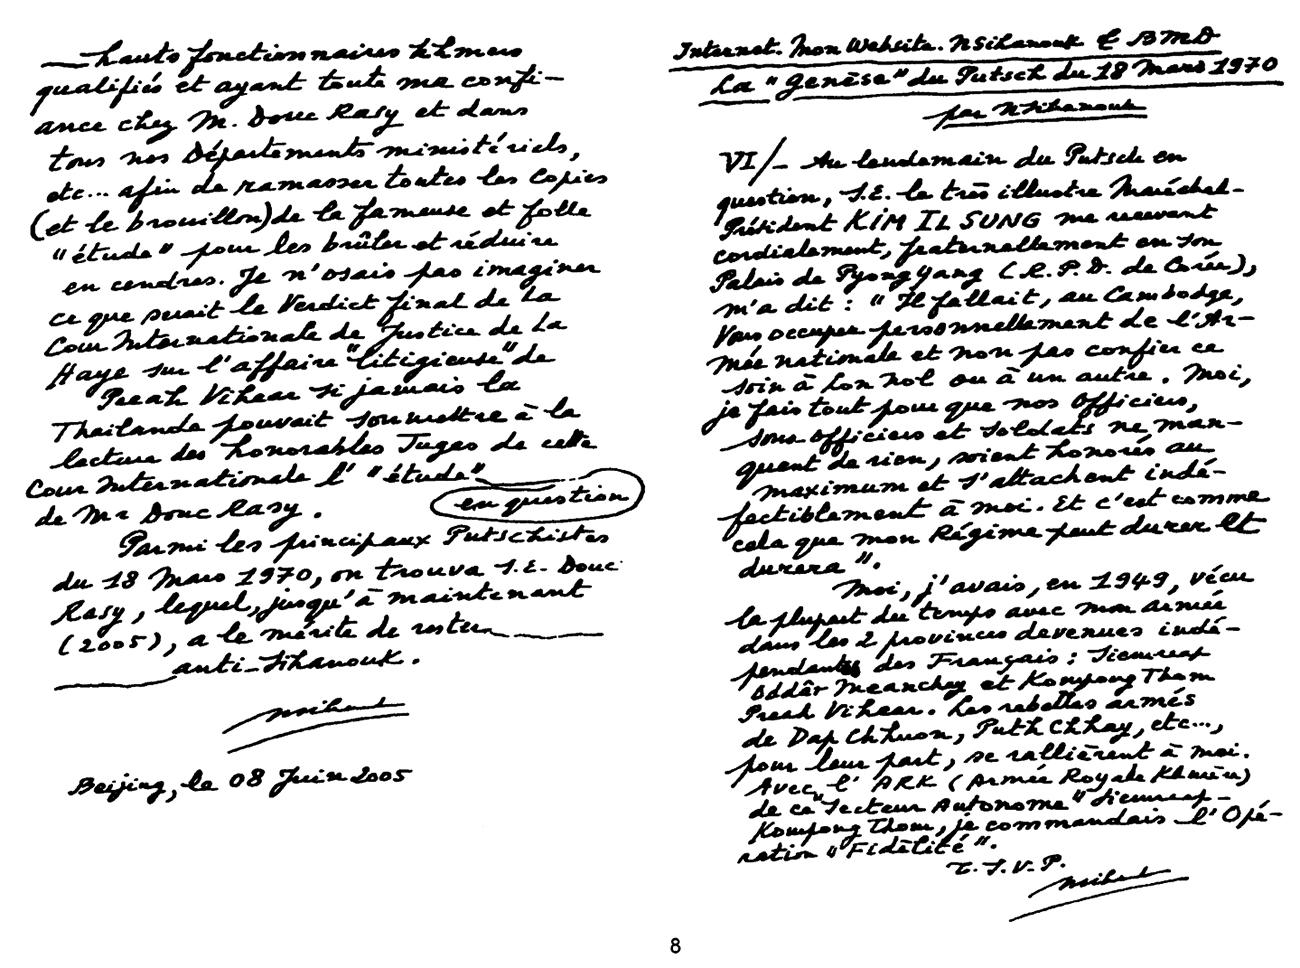 All/document/Documents/LaGenseduPutschdu18Mars1970/LaGenseduPutschdu18Mars1970/id2320/photo008.jpg